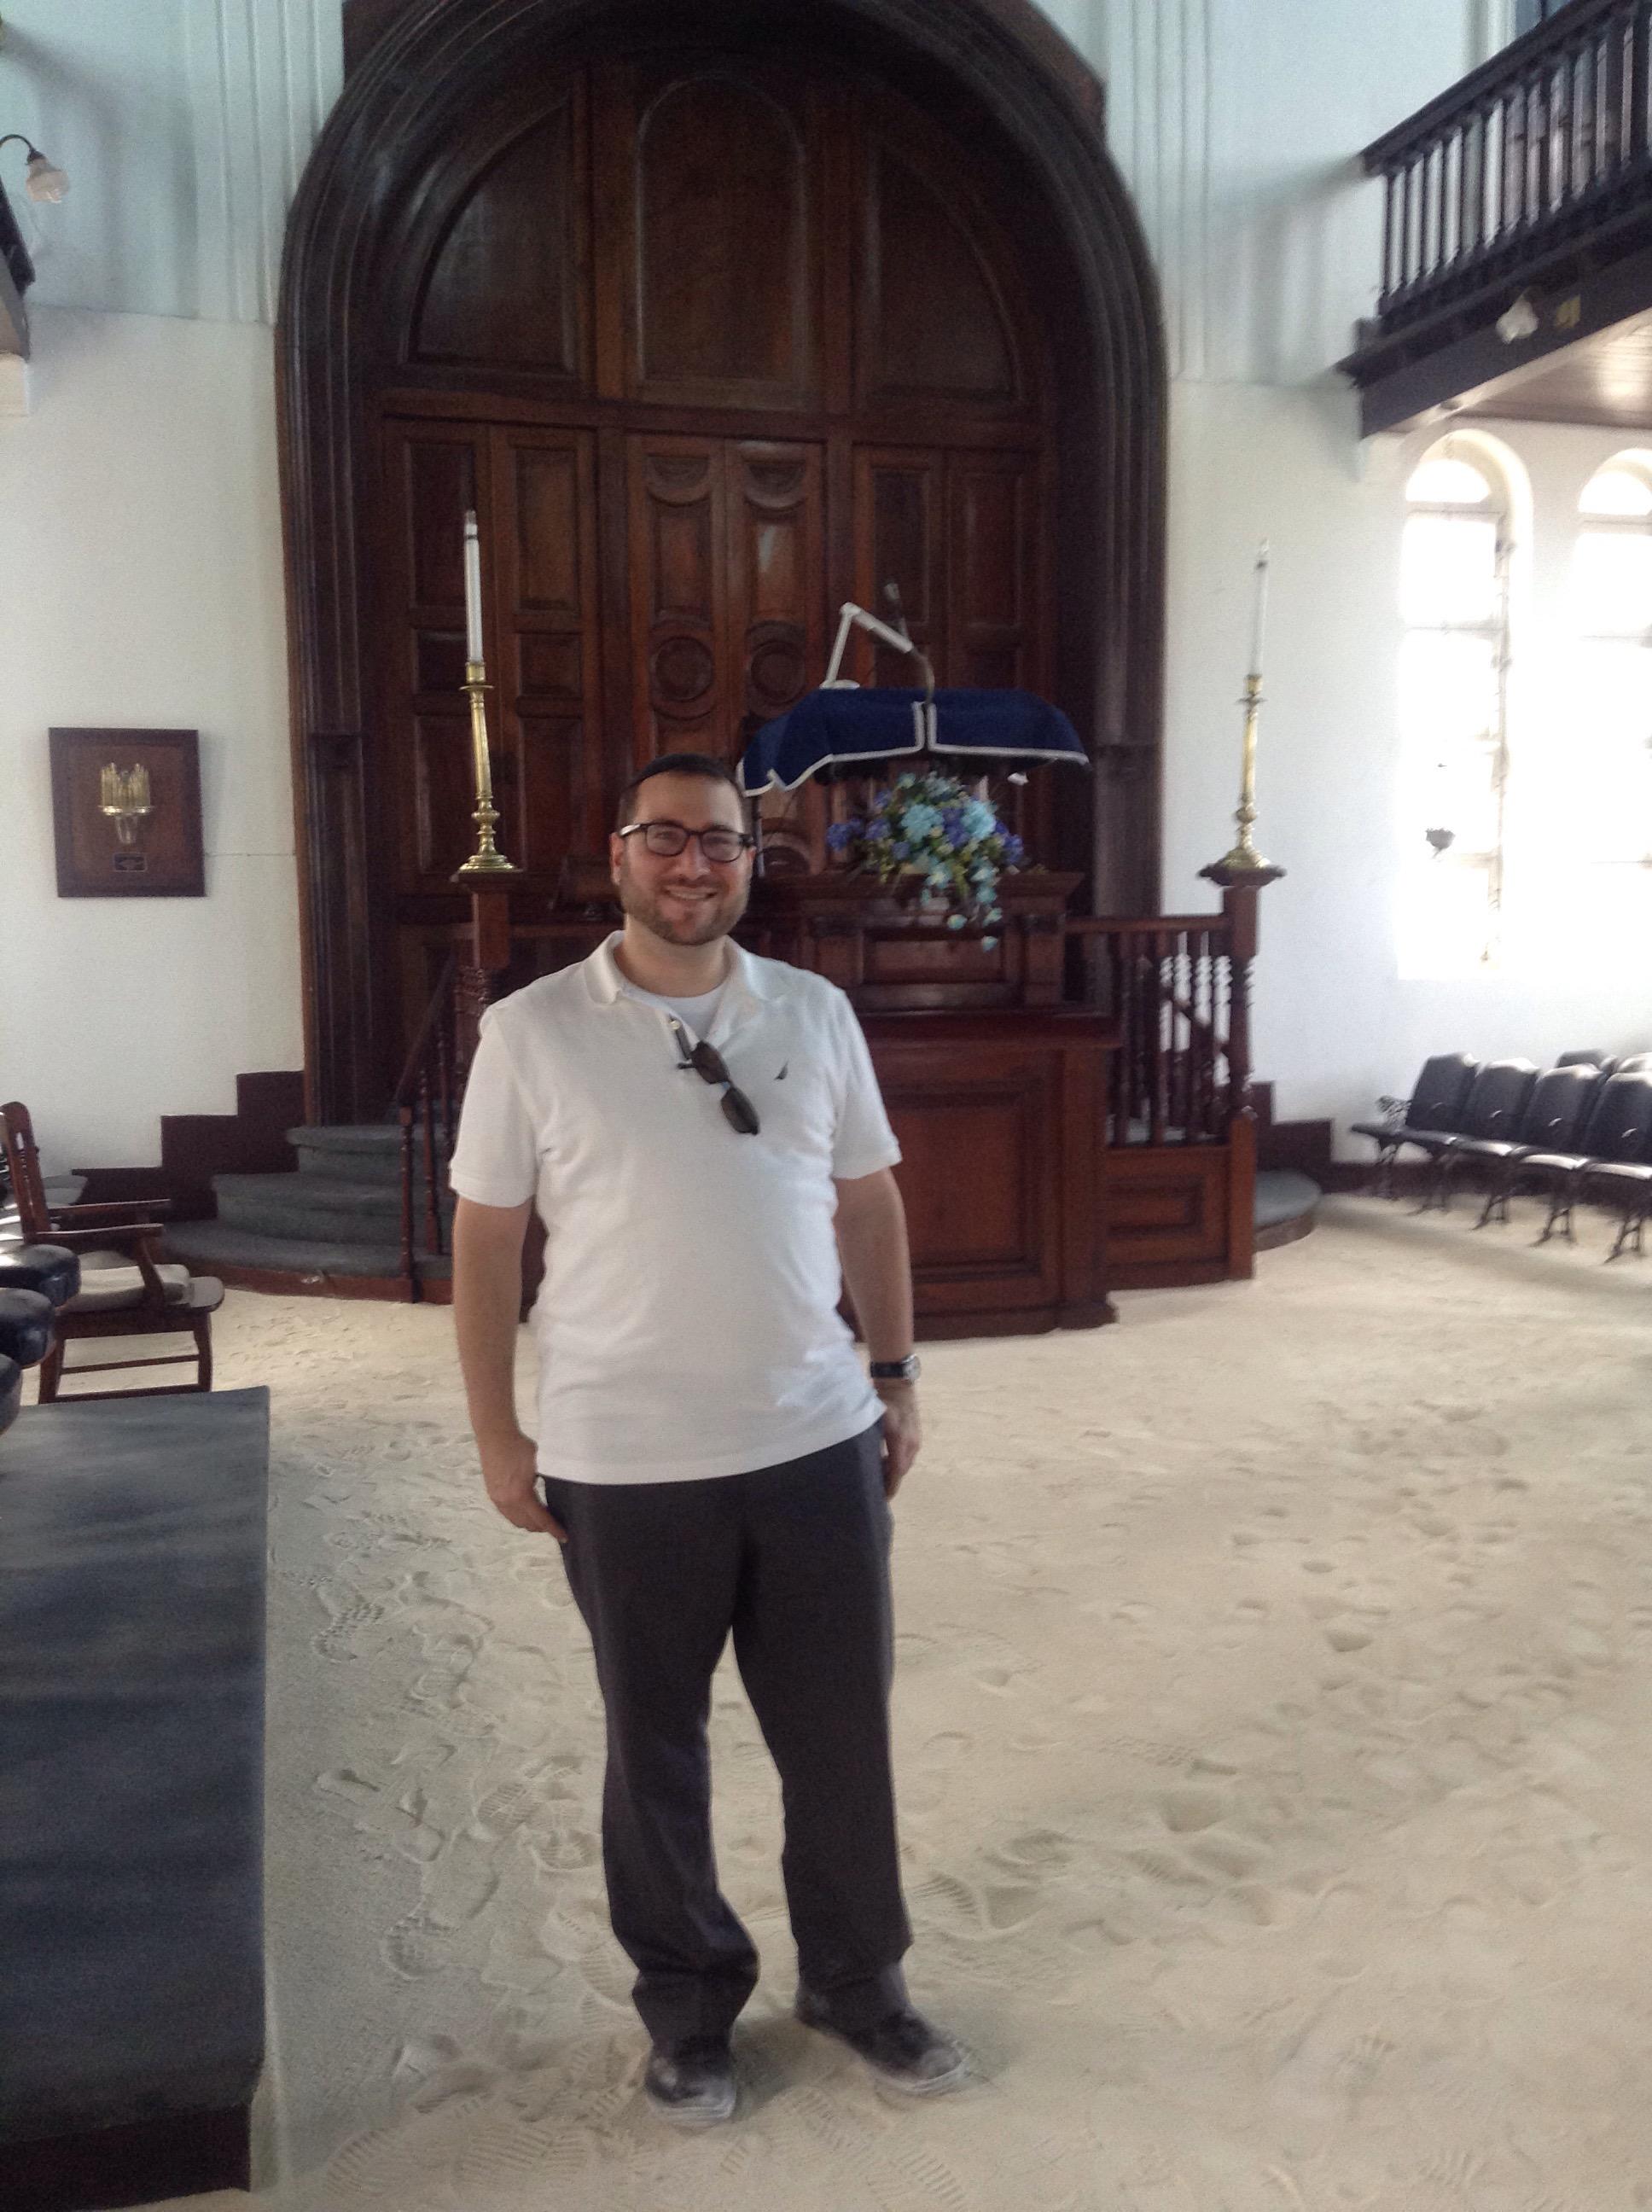 shaare shalom synagogue jamaica